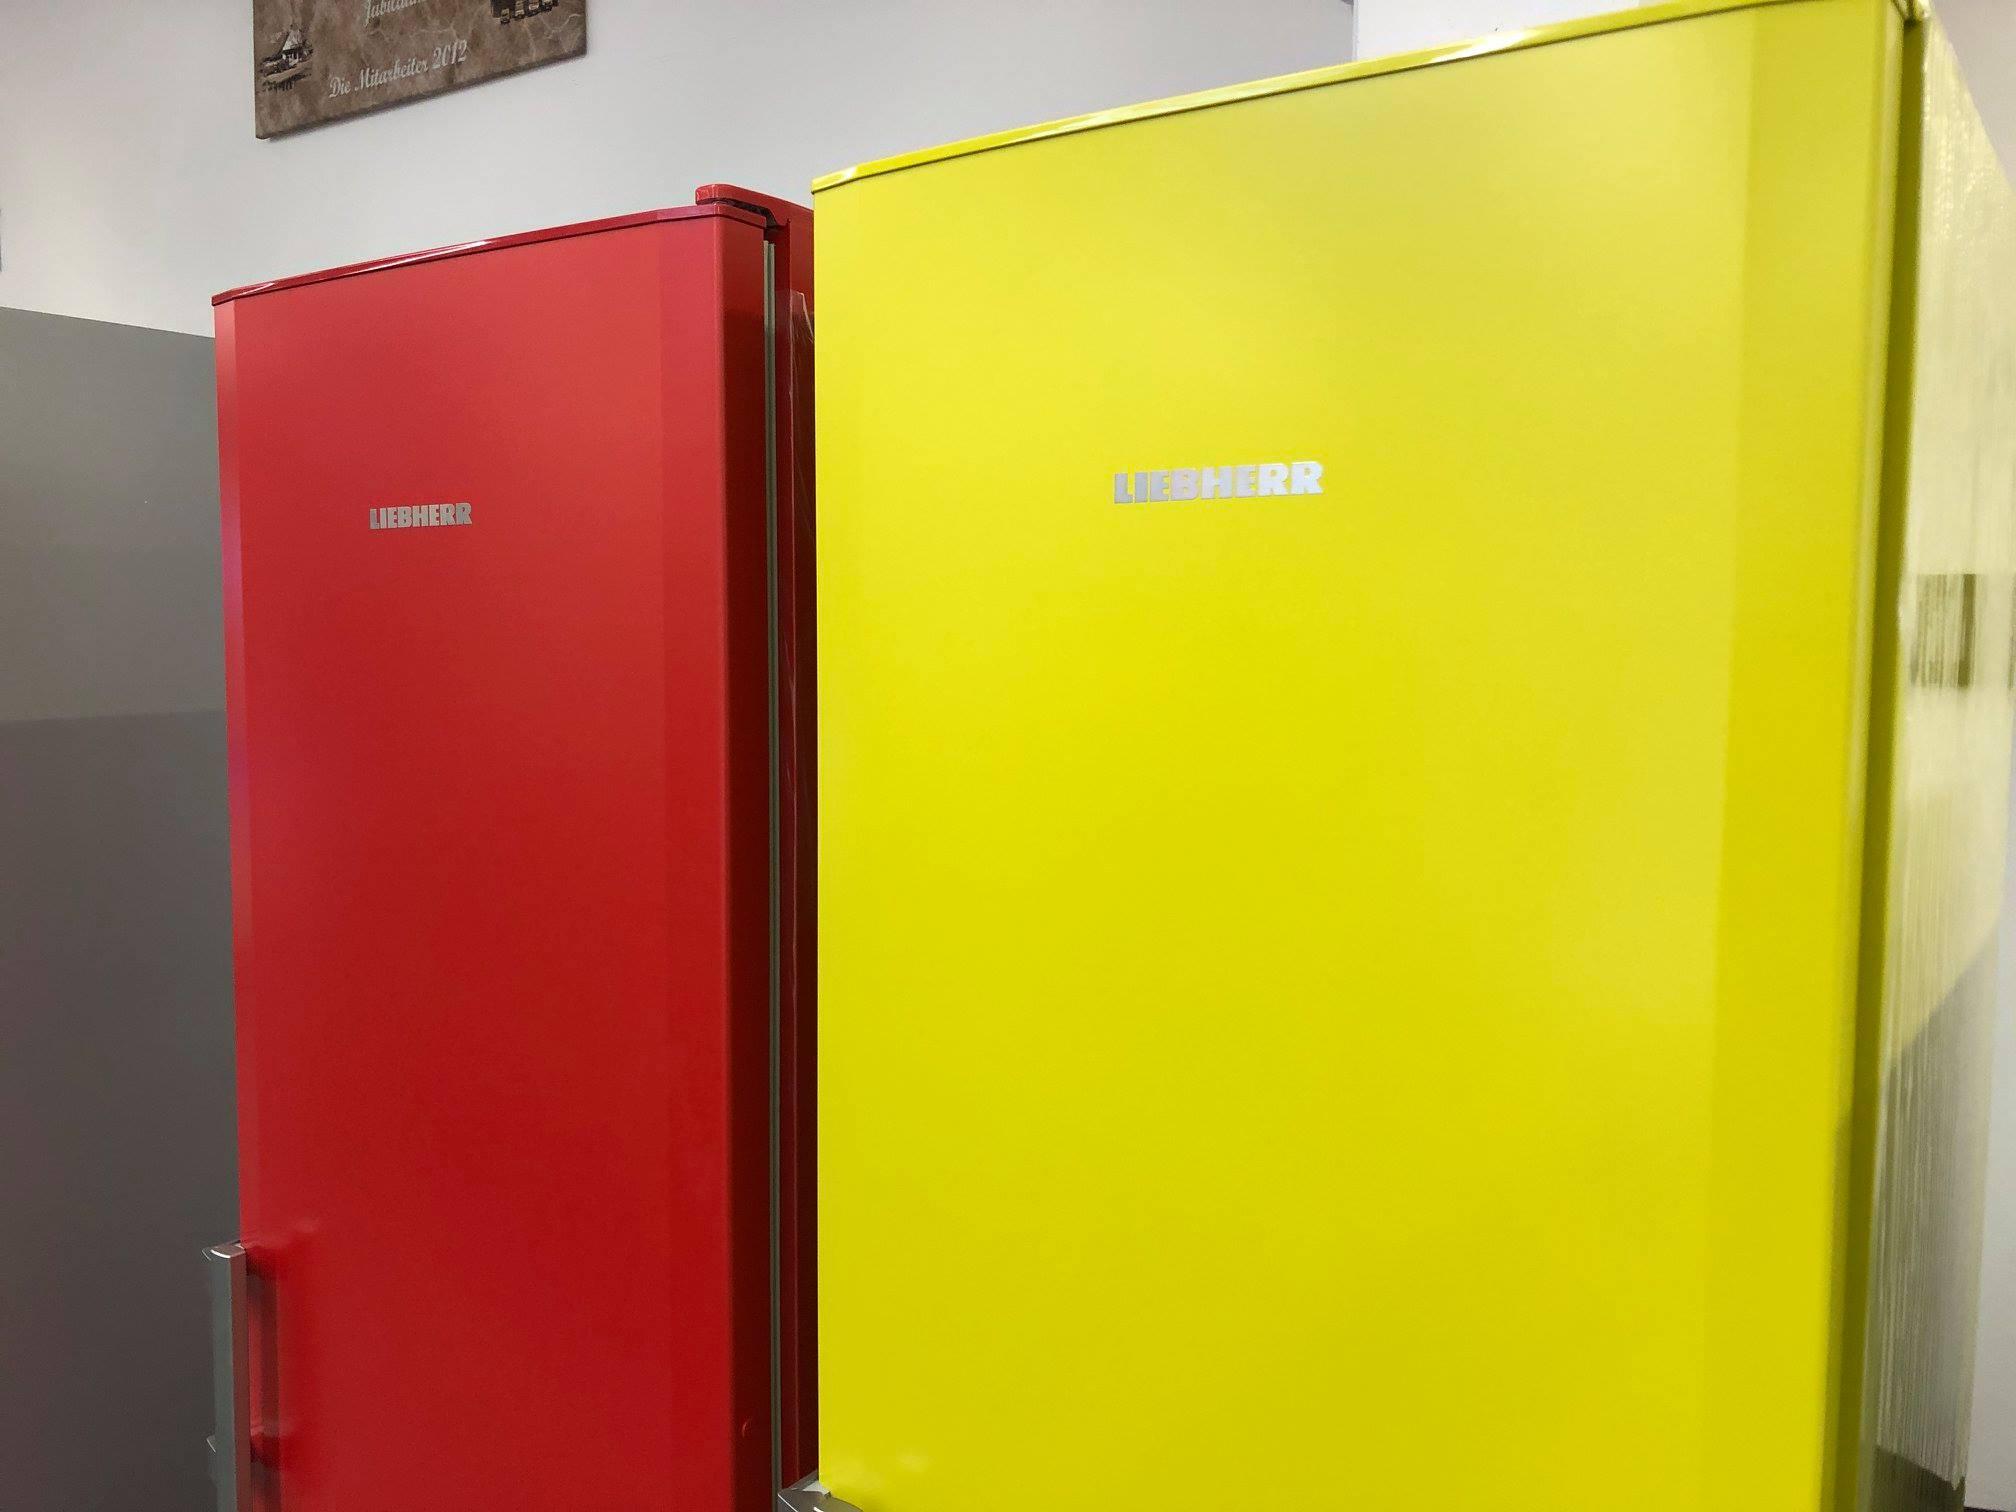 Die Stand Kühl Gefrierkombination Von Liebherr Besticht Durch Knallige  Farben Und Komfortablen Extras. Dank Der SmartFrost Technologie Müssen Sie  Dieses ...